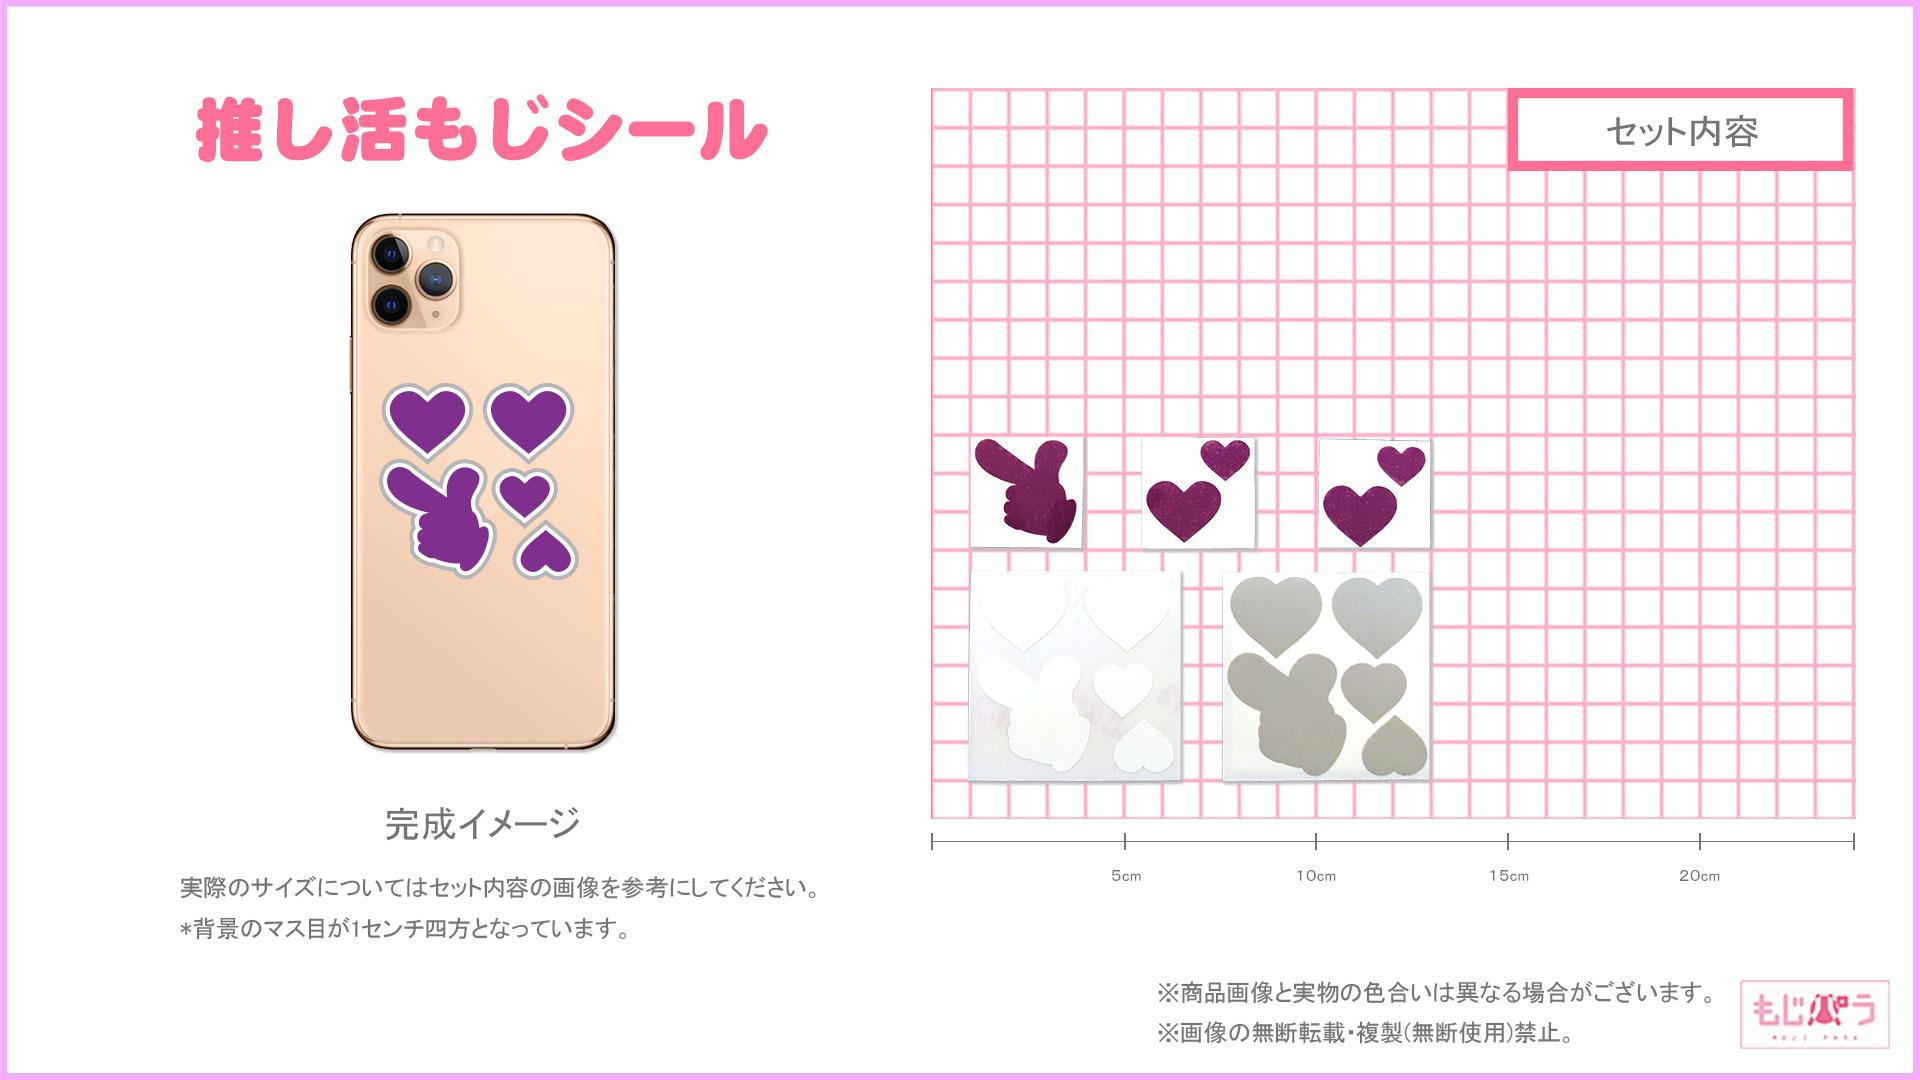 推し活もじシール デコるー 4S  バーンセット1 紫画像